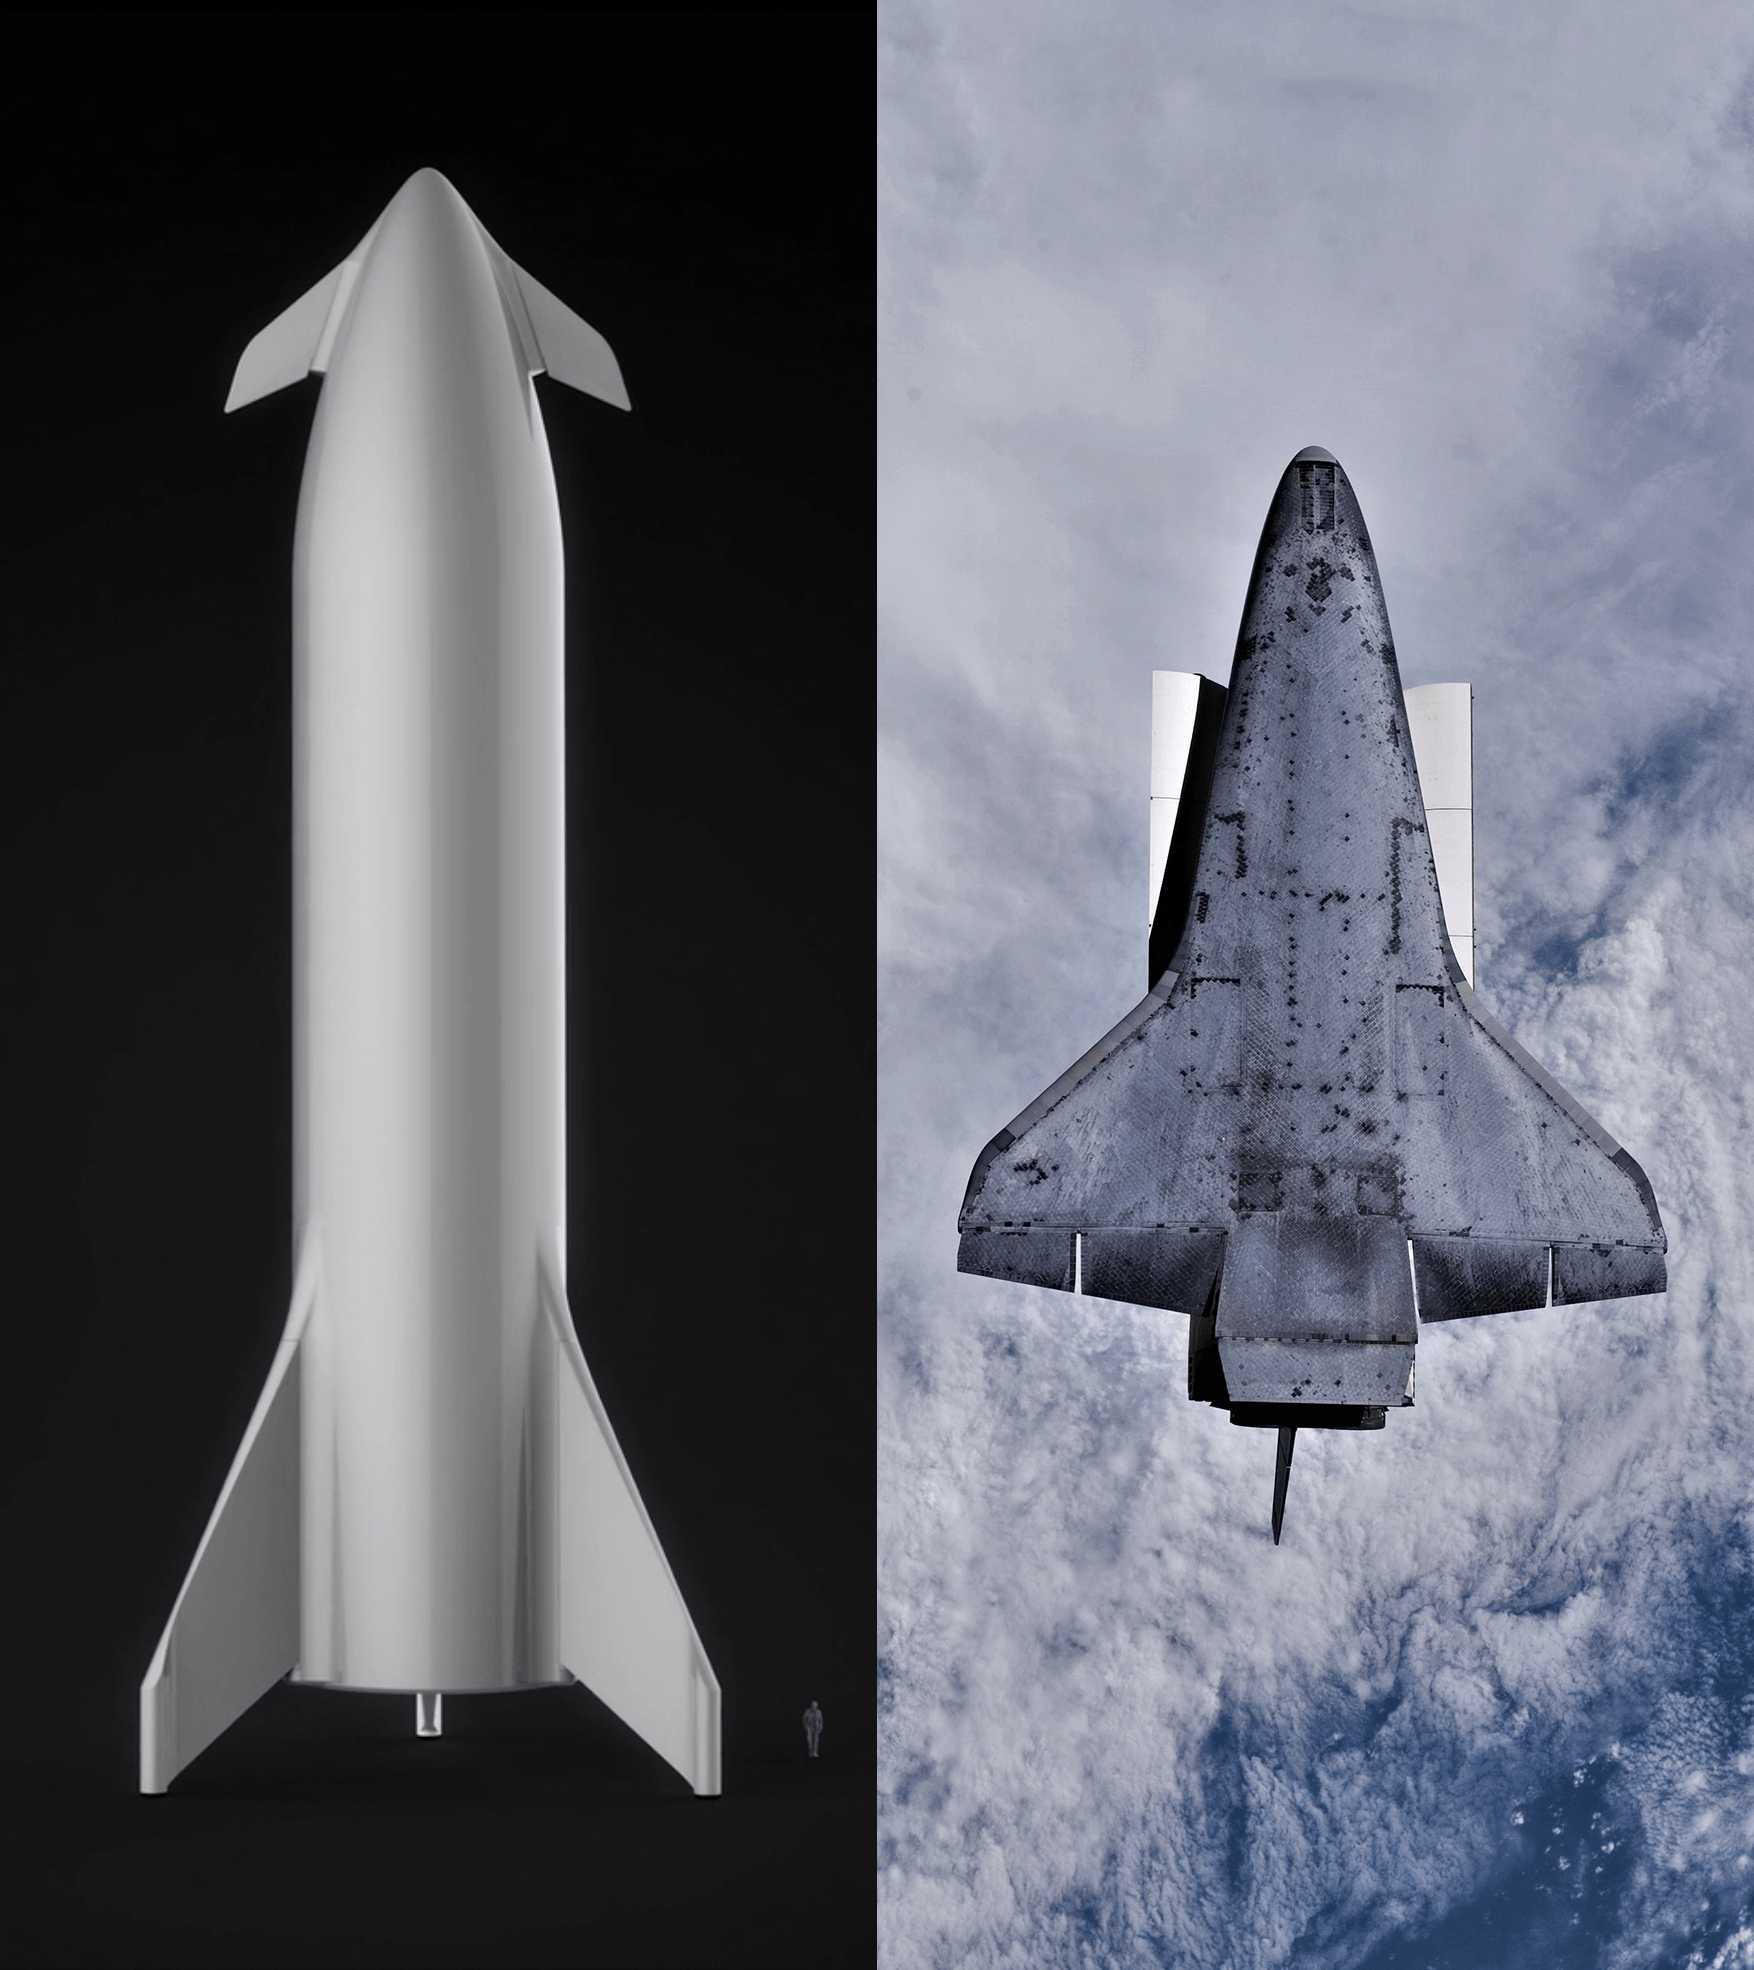 BFS 2018 vs Shuttle (SpaceX + NASA) (c)